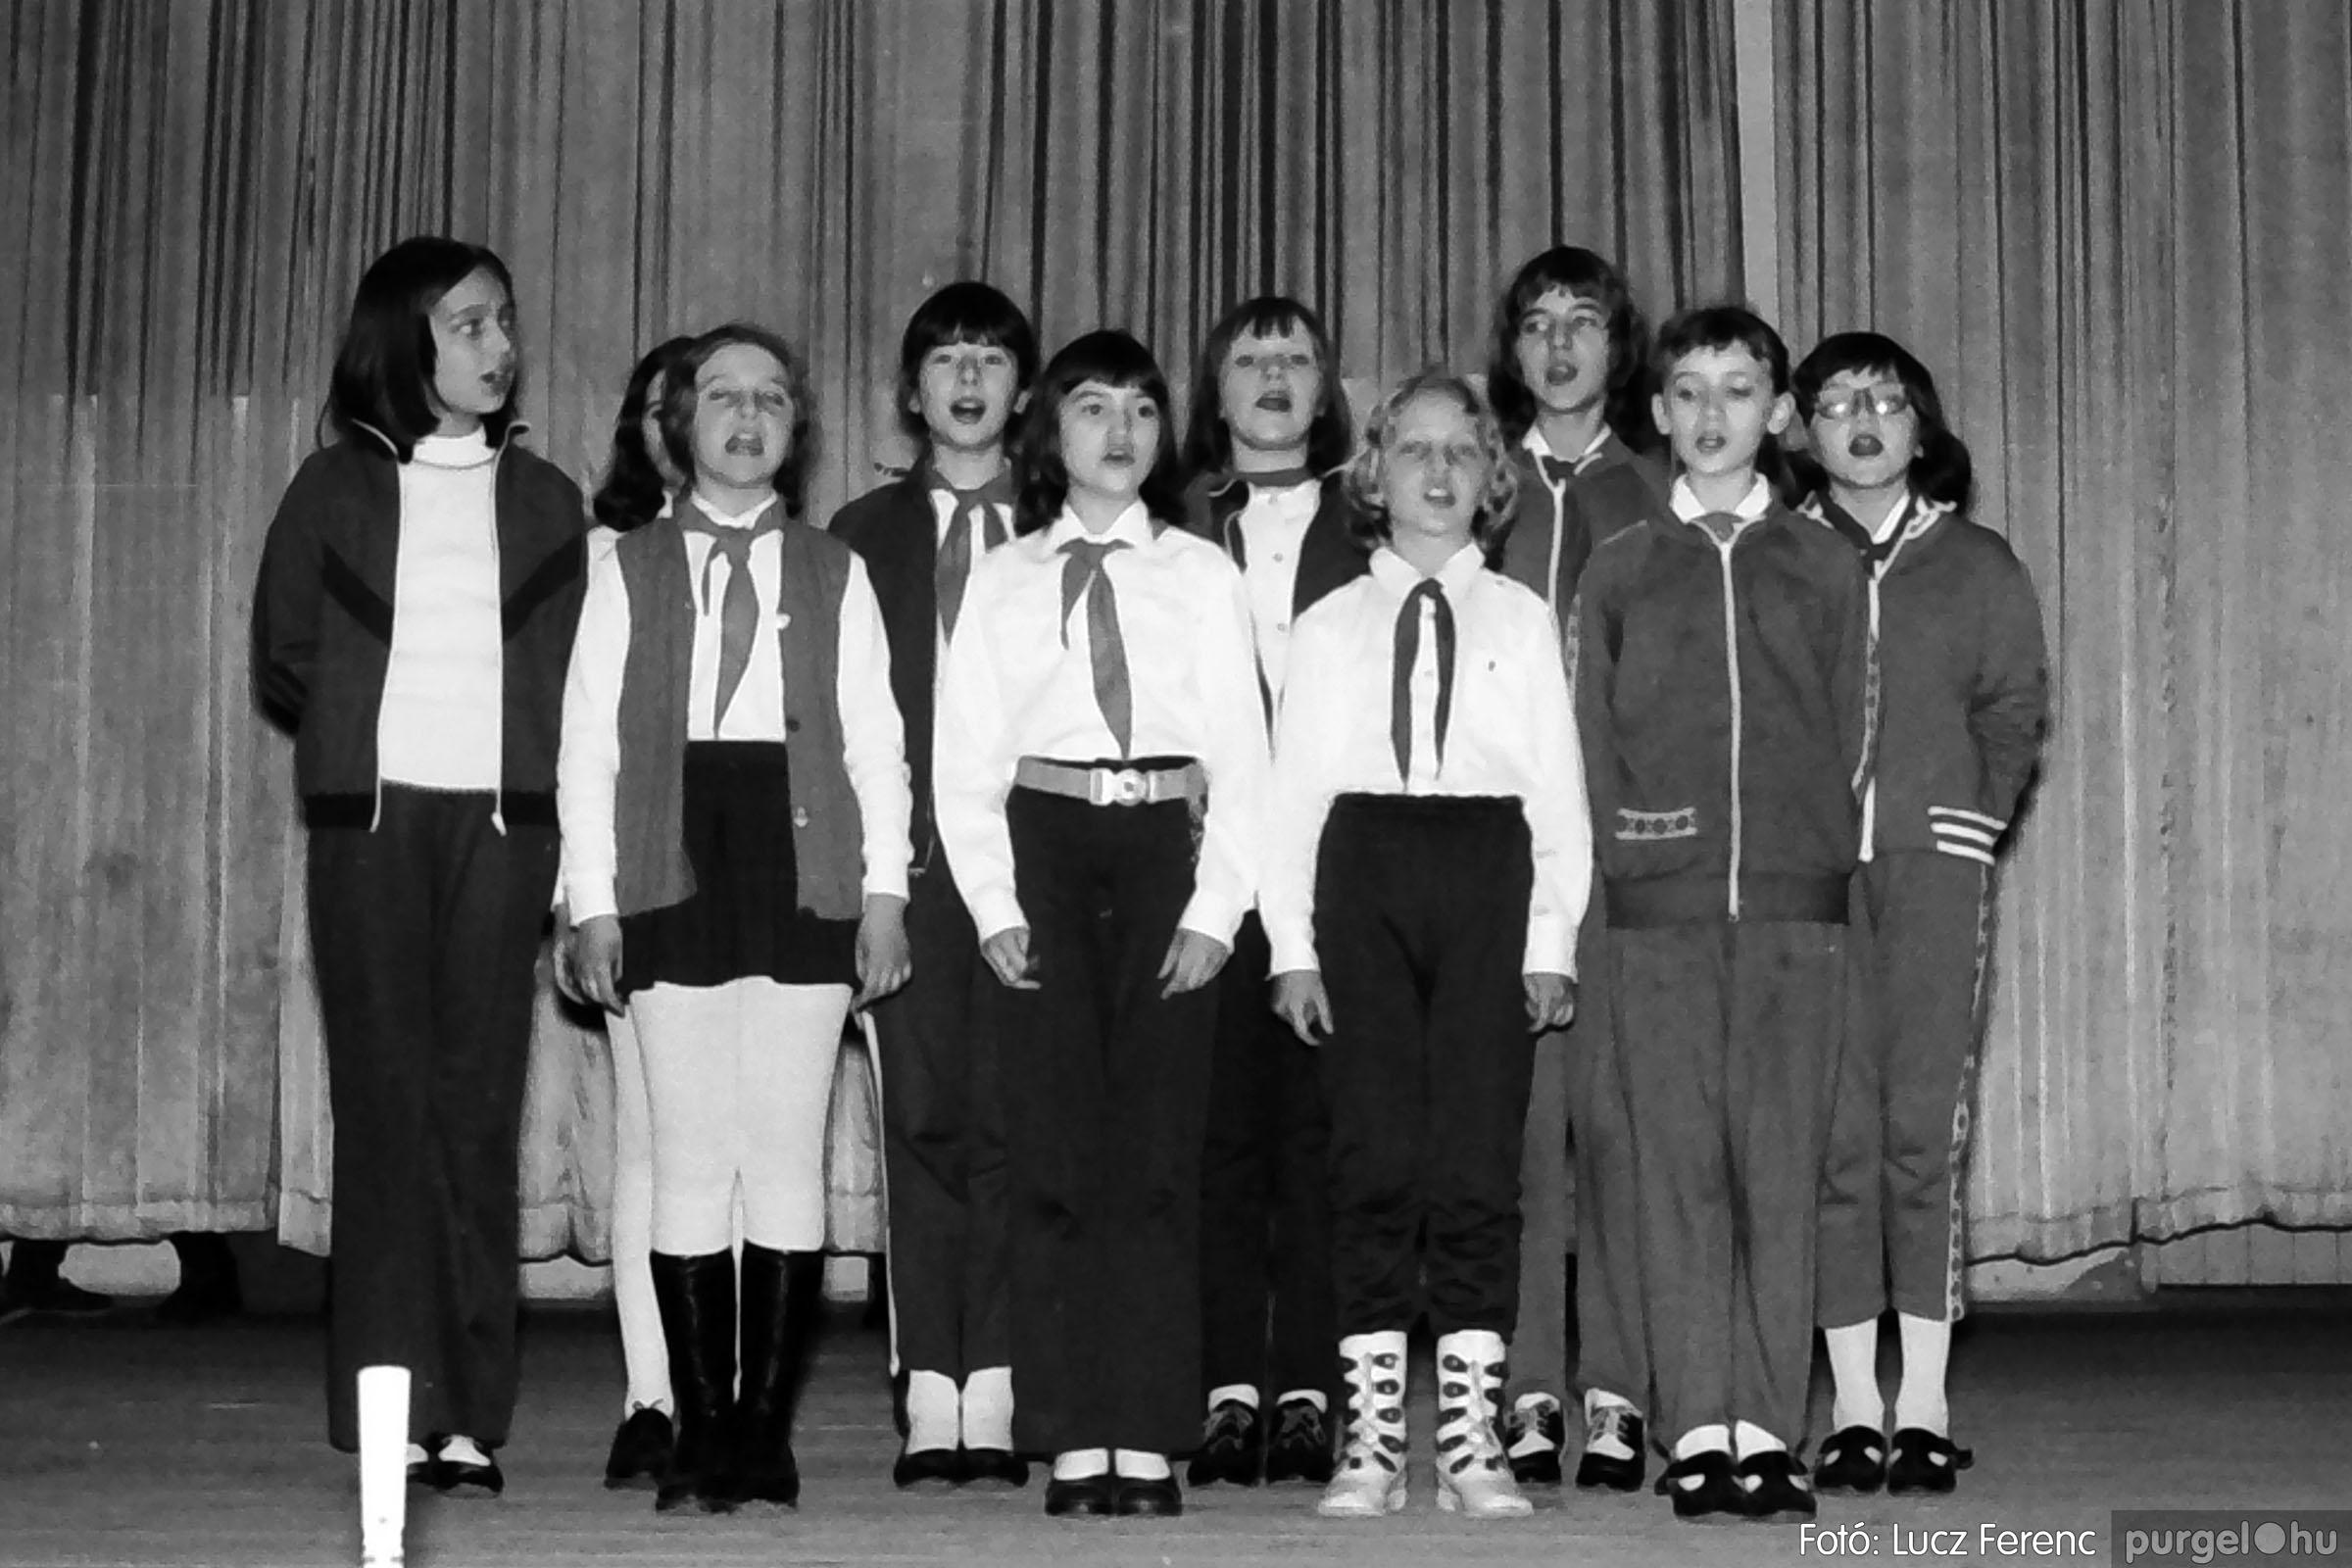 033. 1976. Diákrendezvény a kultúrházban 014 - Fotó: Lucz Ferenc.jpg